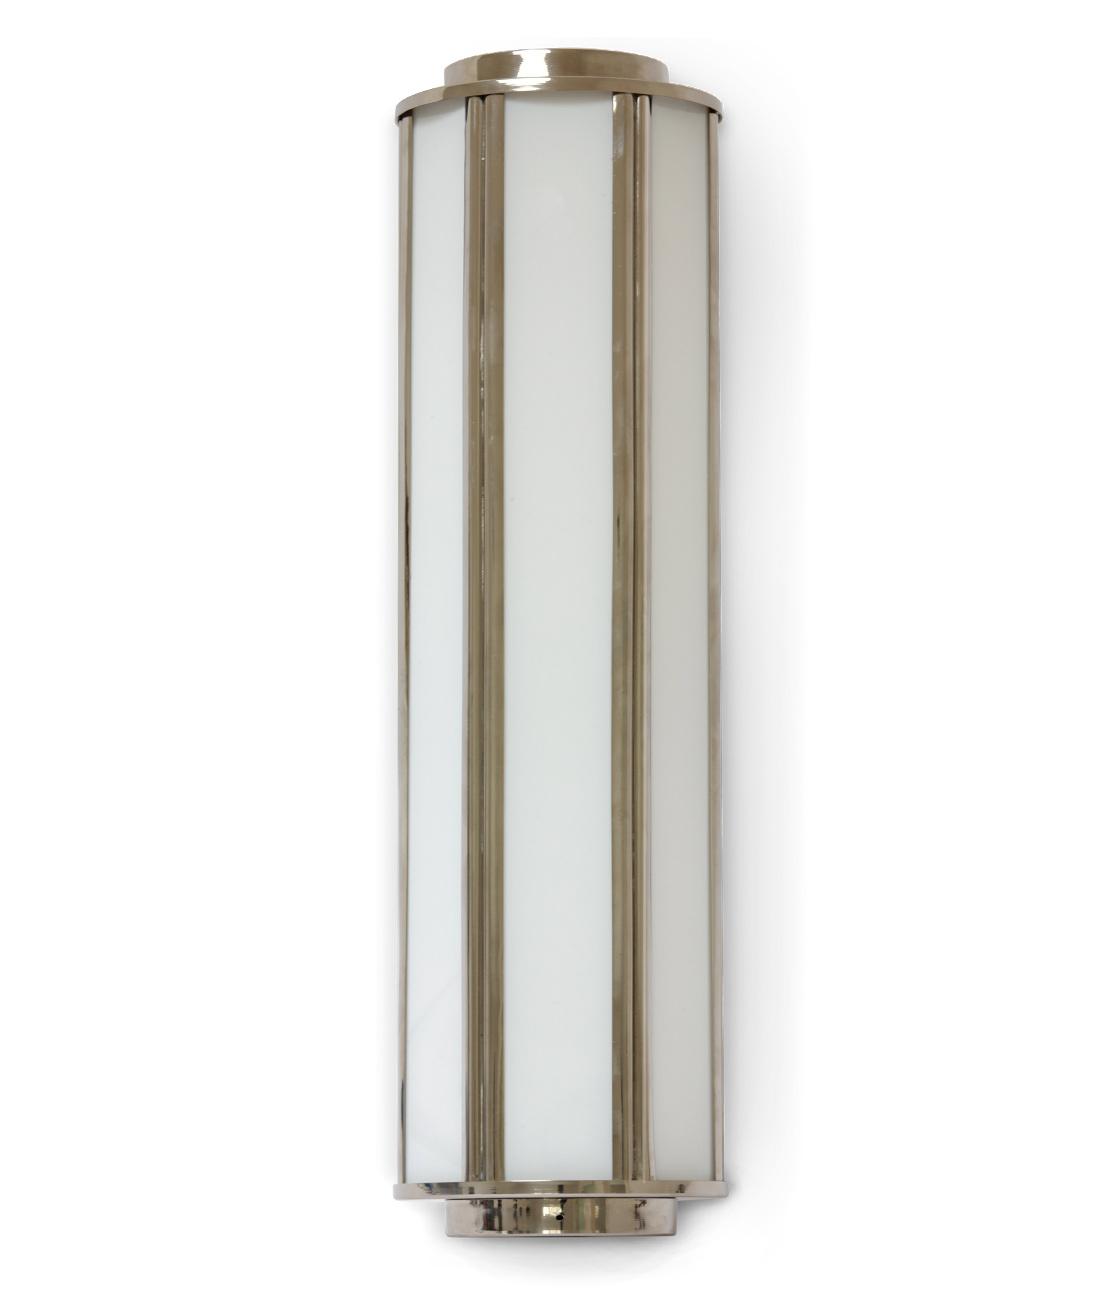 Badezimmer-Wandleuchte im Art déco-Stil, 30 cm - Casa Lumi